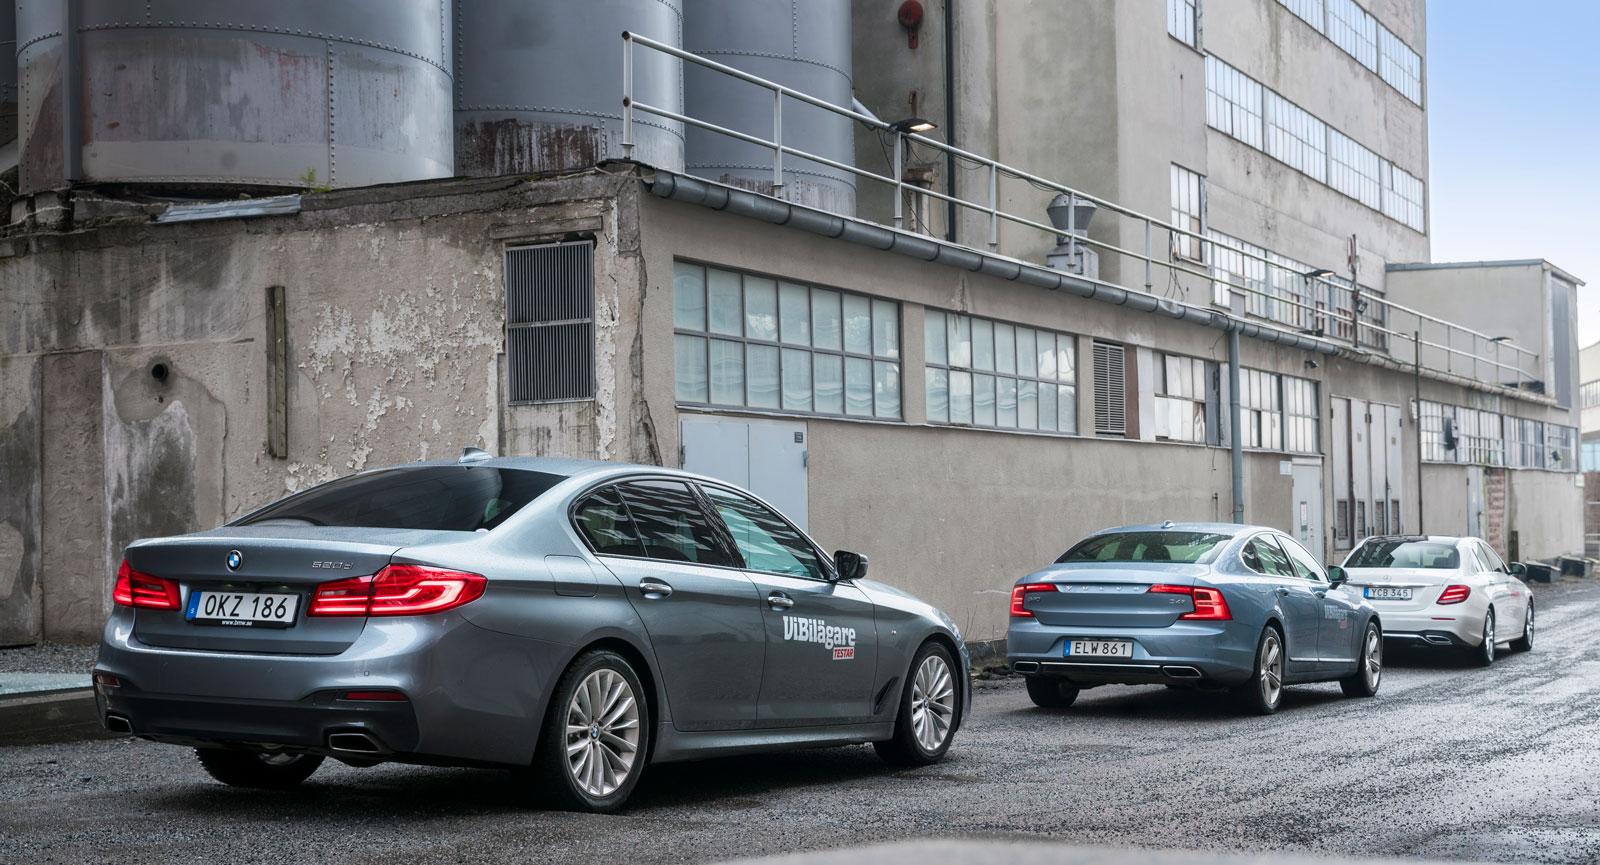 Förvuxen 3-serie eller krympt 7-serie? BMW:s nya 5-serie har klara drag av den övriga familjen. Volvos bakparti är mer egensinnigt, medan Mercedes E-klass ansluter tätt till den mindre C-klass.